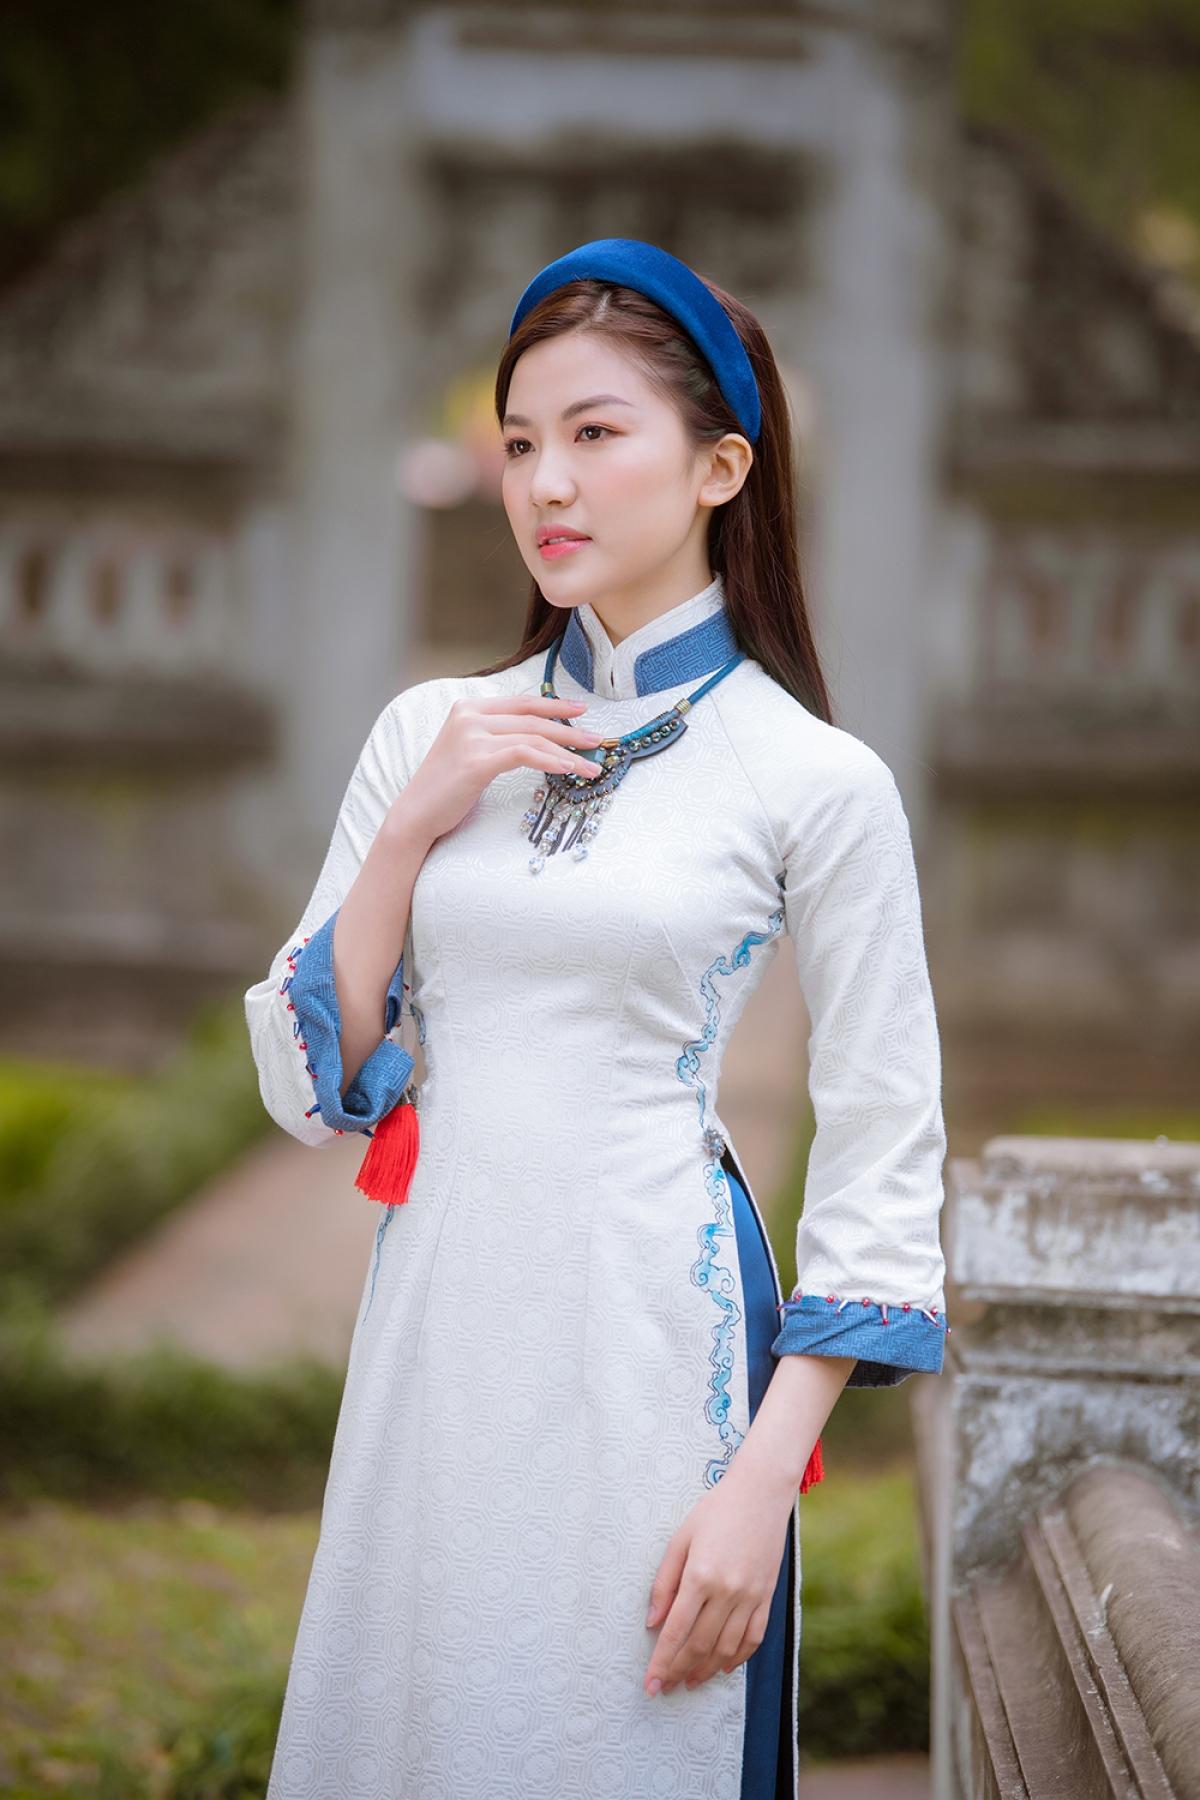 Chia sẻ về dự định và kế hoạch trong năm 2021, Lương Thanh tiết lộ cô sẽ trở lại với phim trường bằng việc tích cực tham gia các hoạt động nghệ thuật. Cô mong rằng mọi điều trong năm 2021 sẽ may mắn, thuận lợi và được nhiều khán giả yêu thương bản thân mình hơn.